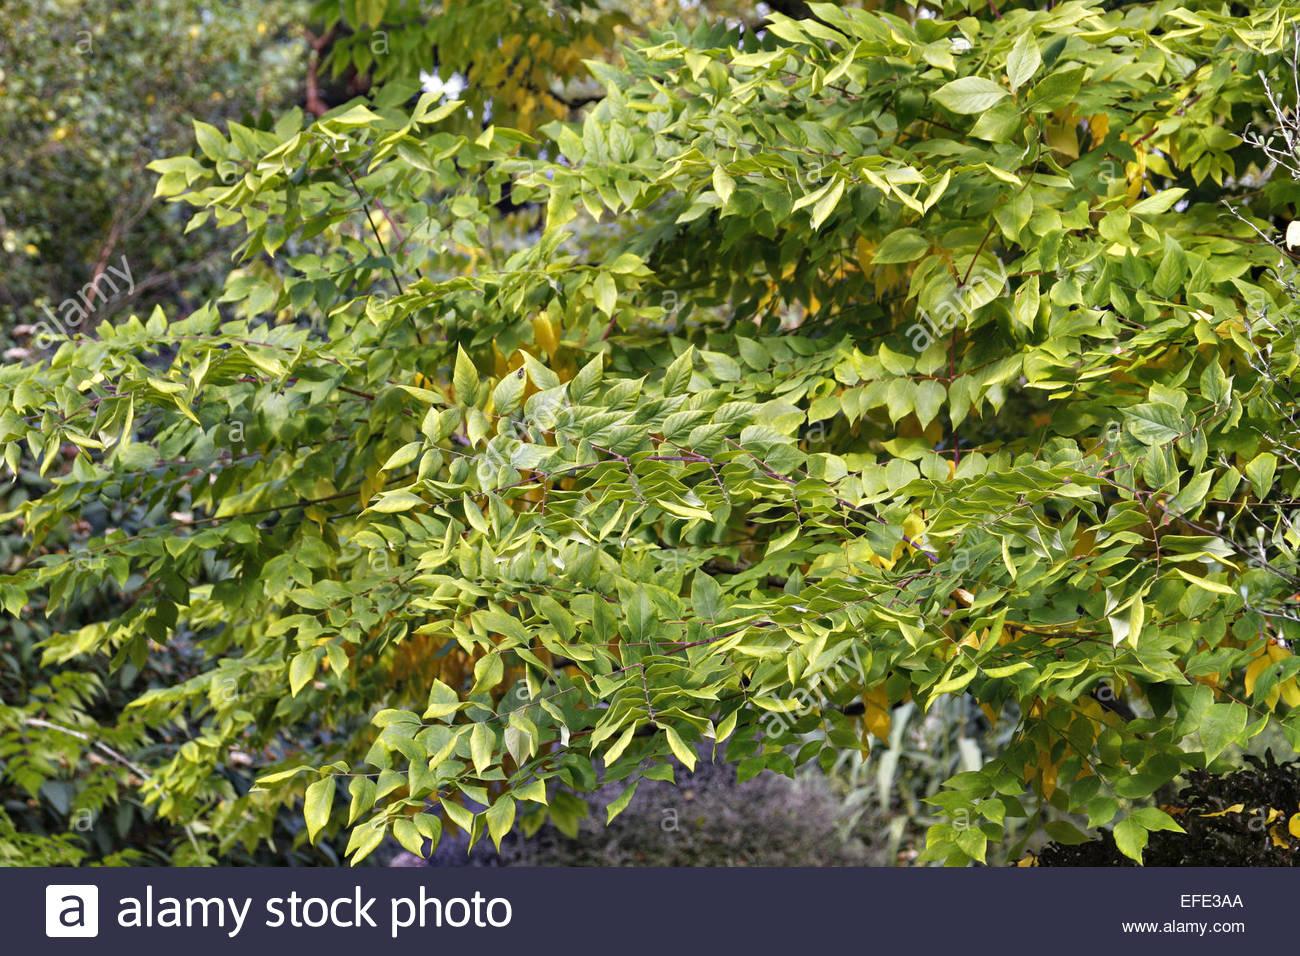 Gymnocladus dioica -Kentucky Coffee Tree Stock Photo: 78371282 - Alamy